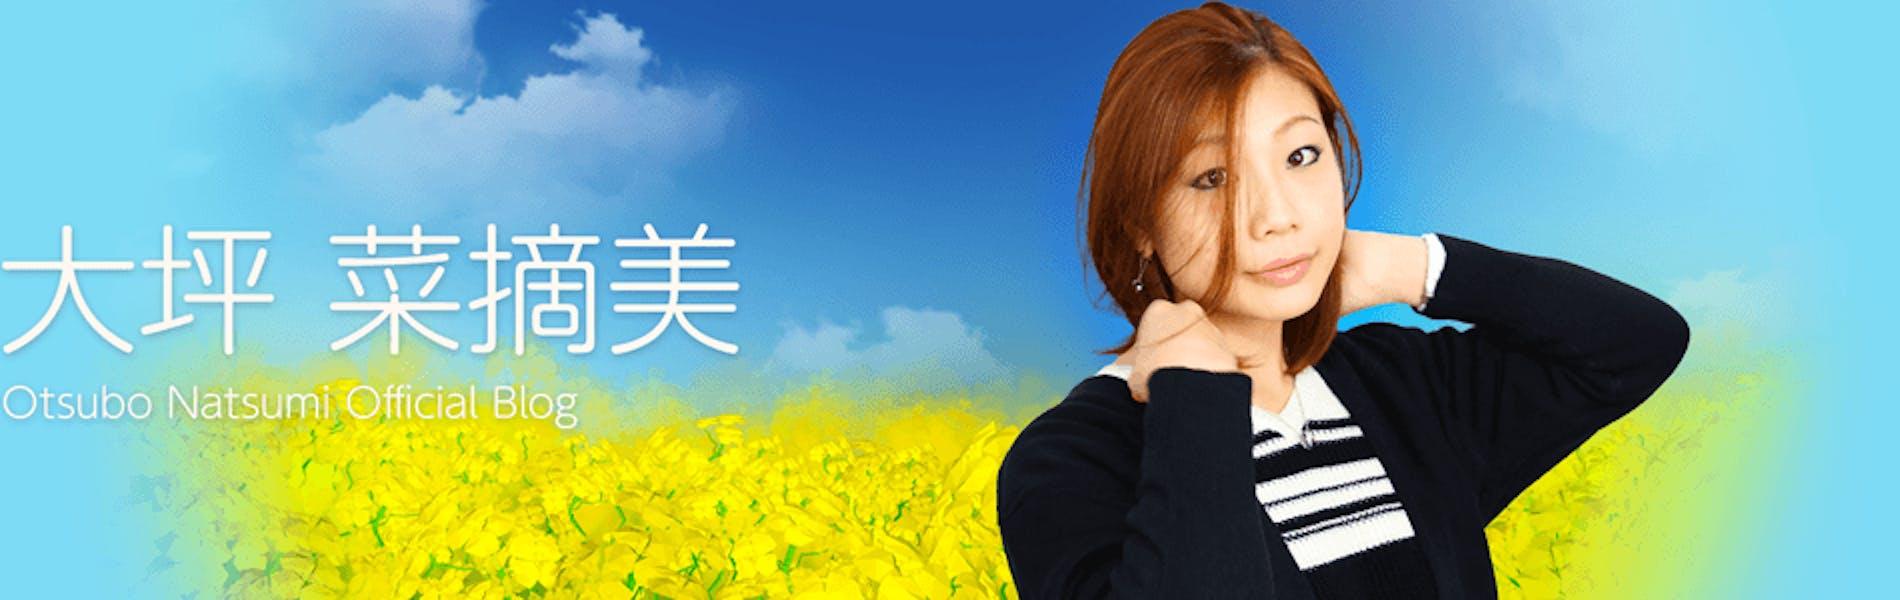 大坪菜摘美 オフィシャルブログ